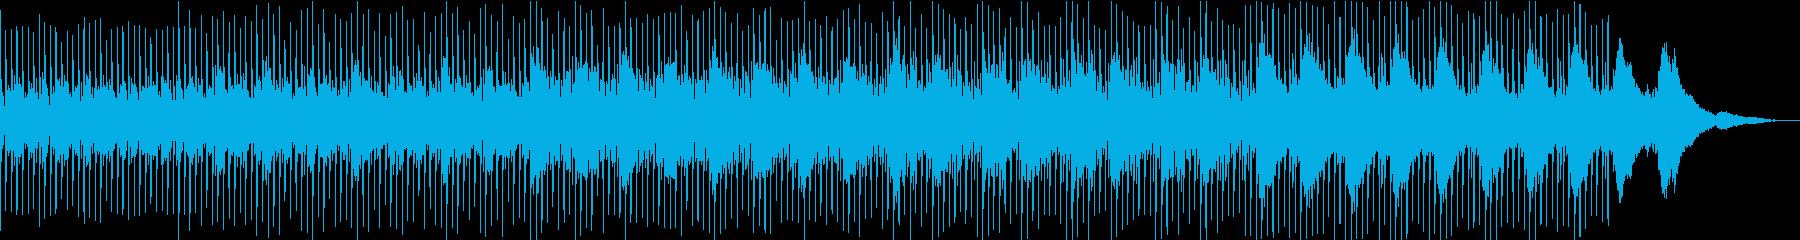 爽やかで透き通るアコギ曲の再生済みの波形